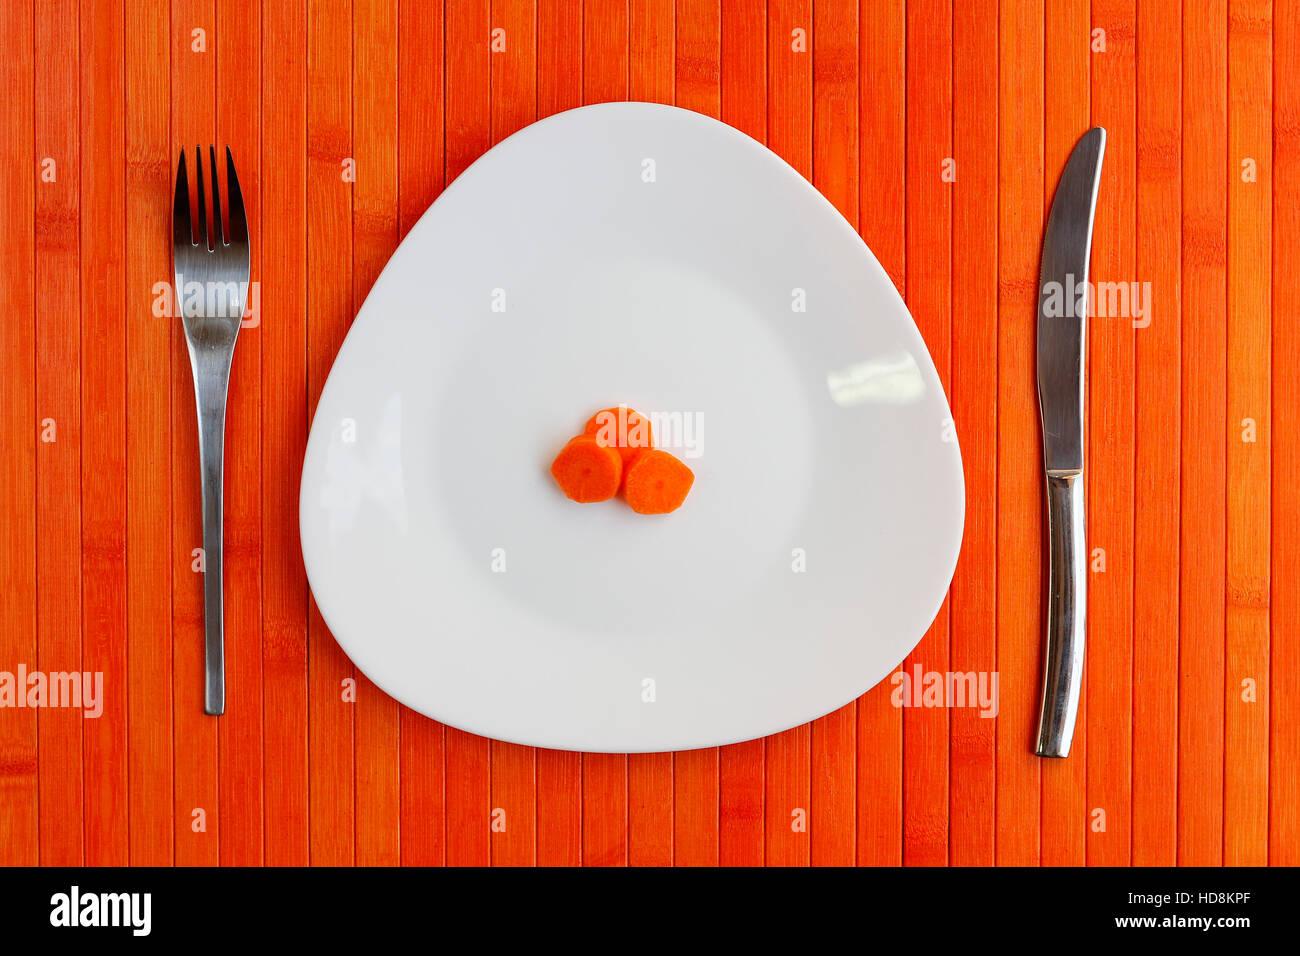 Régime alimentaire strict de légumes, petit tas de carottes Photo Stock